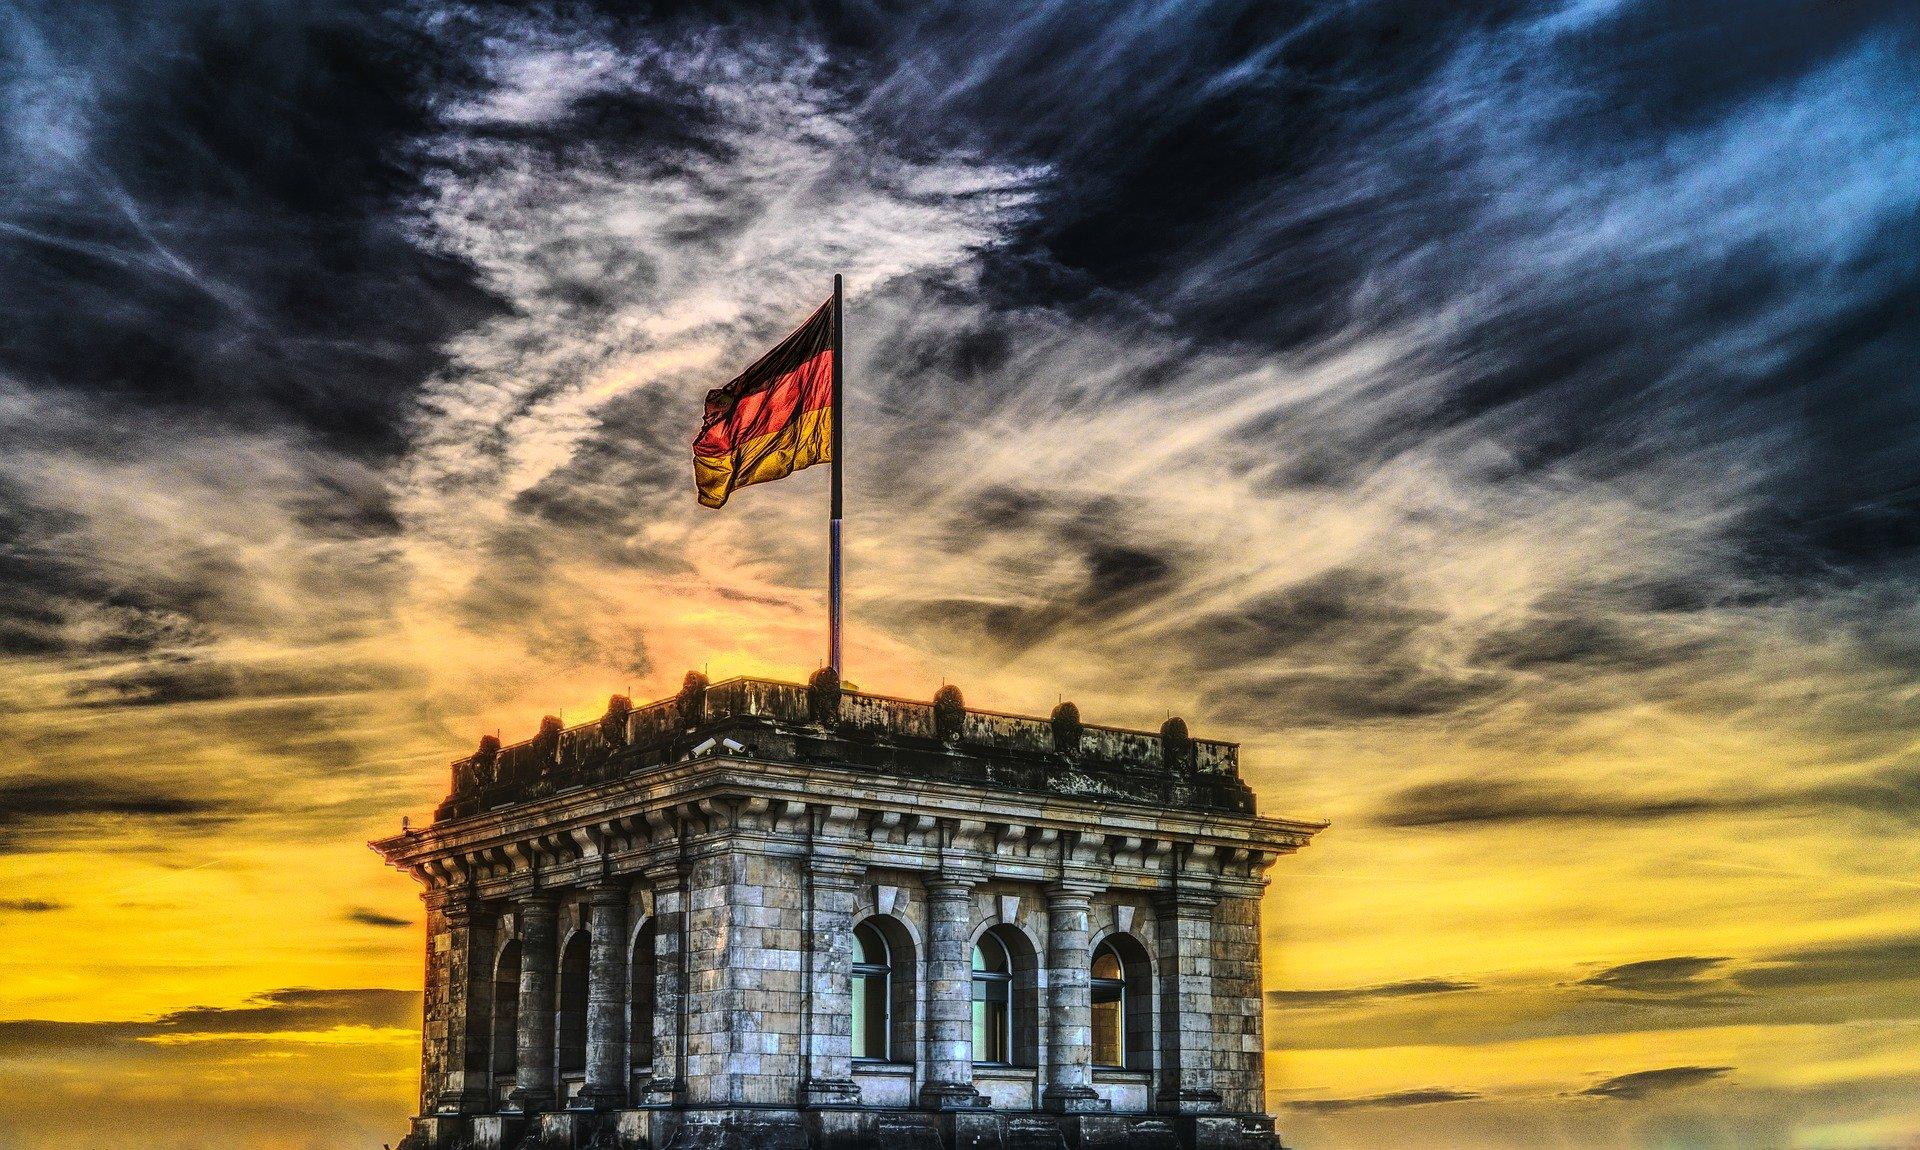 デュッセルドルフ駐在でドイツ就労ビザを取得する方法【完全版】前編:日本出国前〜ドイツ入国前まで